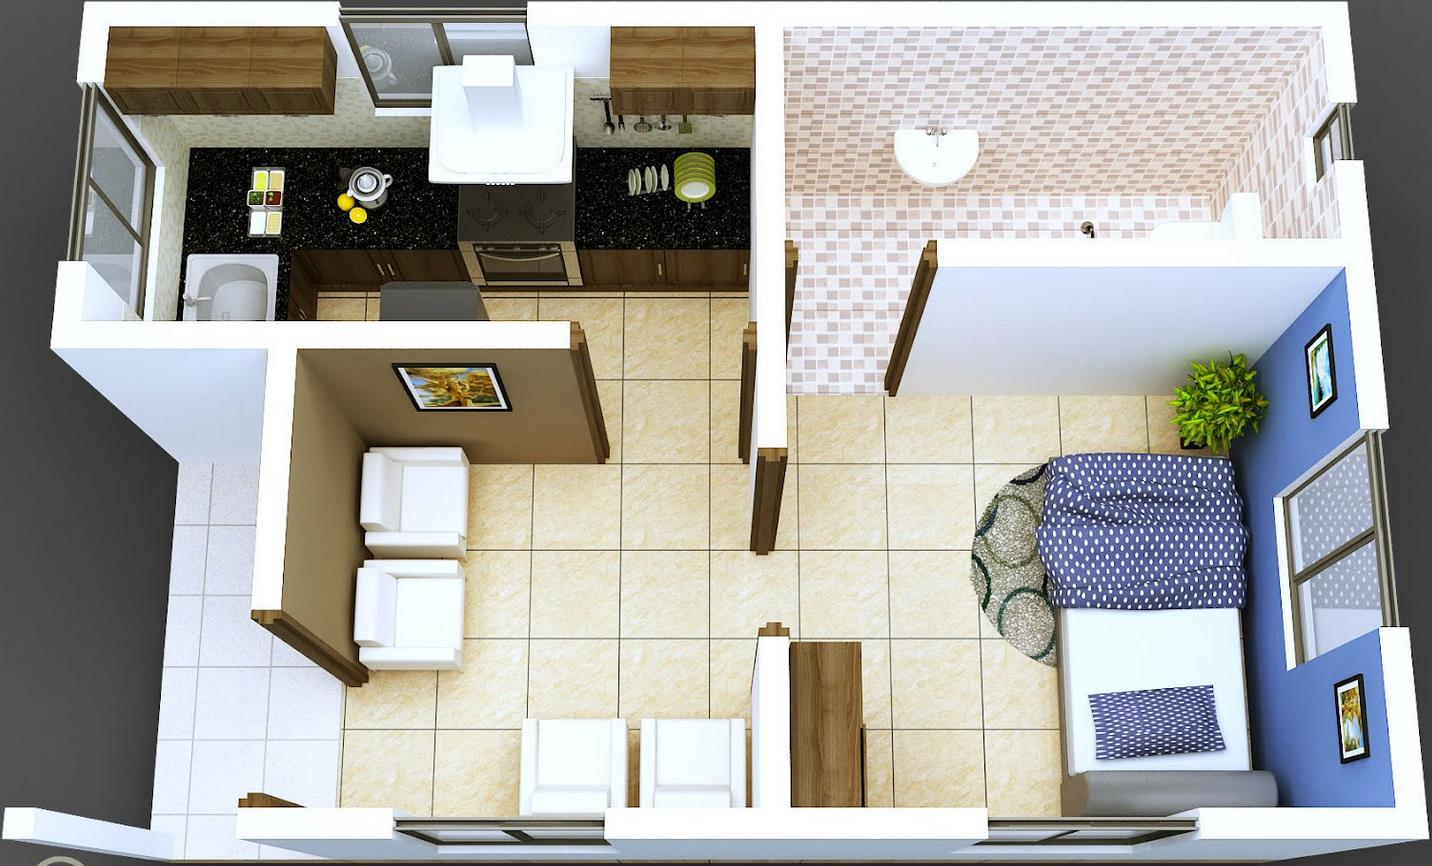 Apartamento 20metros cuadrados pequenos diseno en 3d for Disenos de apartaestudios pequenos